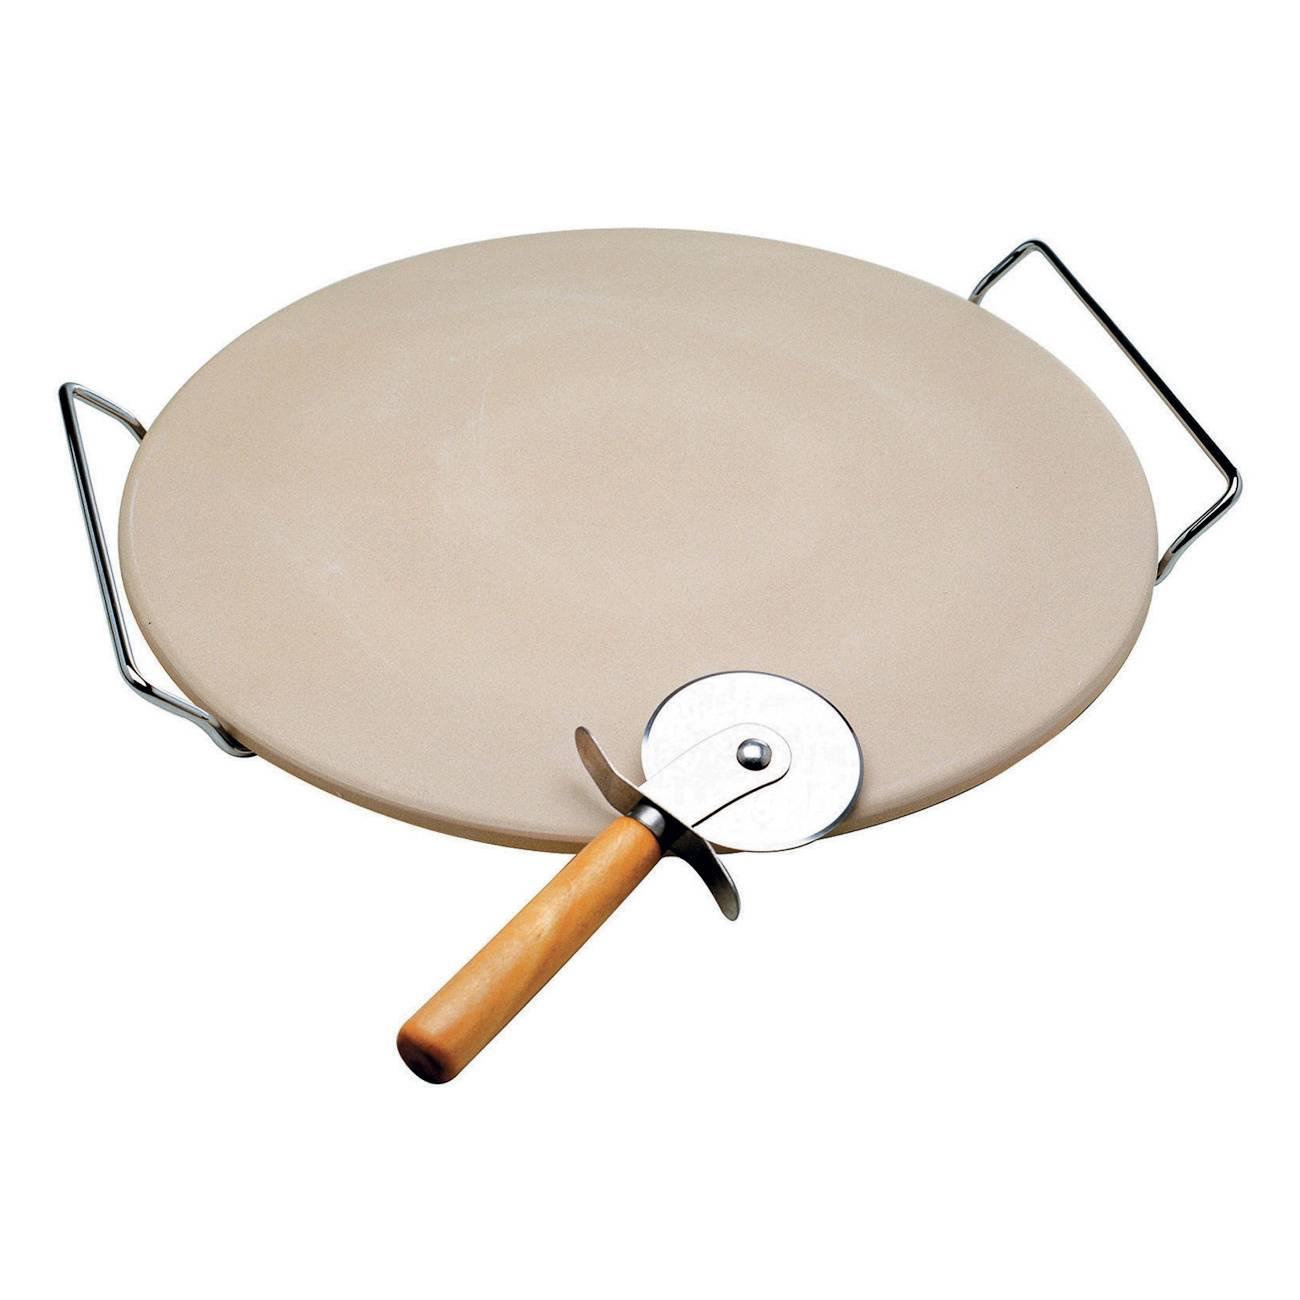 Pedra para Pizza c/ Cortador e Suporte Cromado - Bon Gourmet - 33 cm